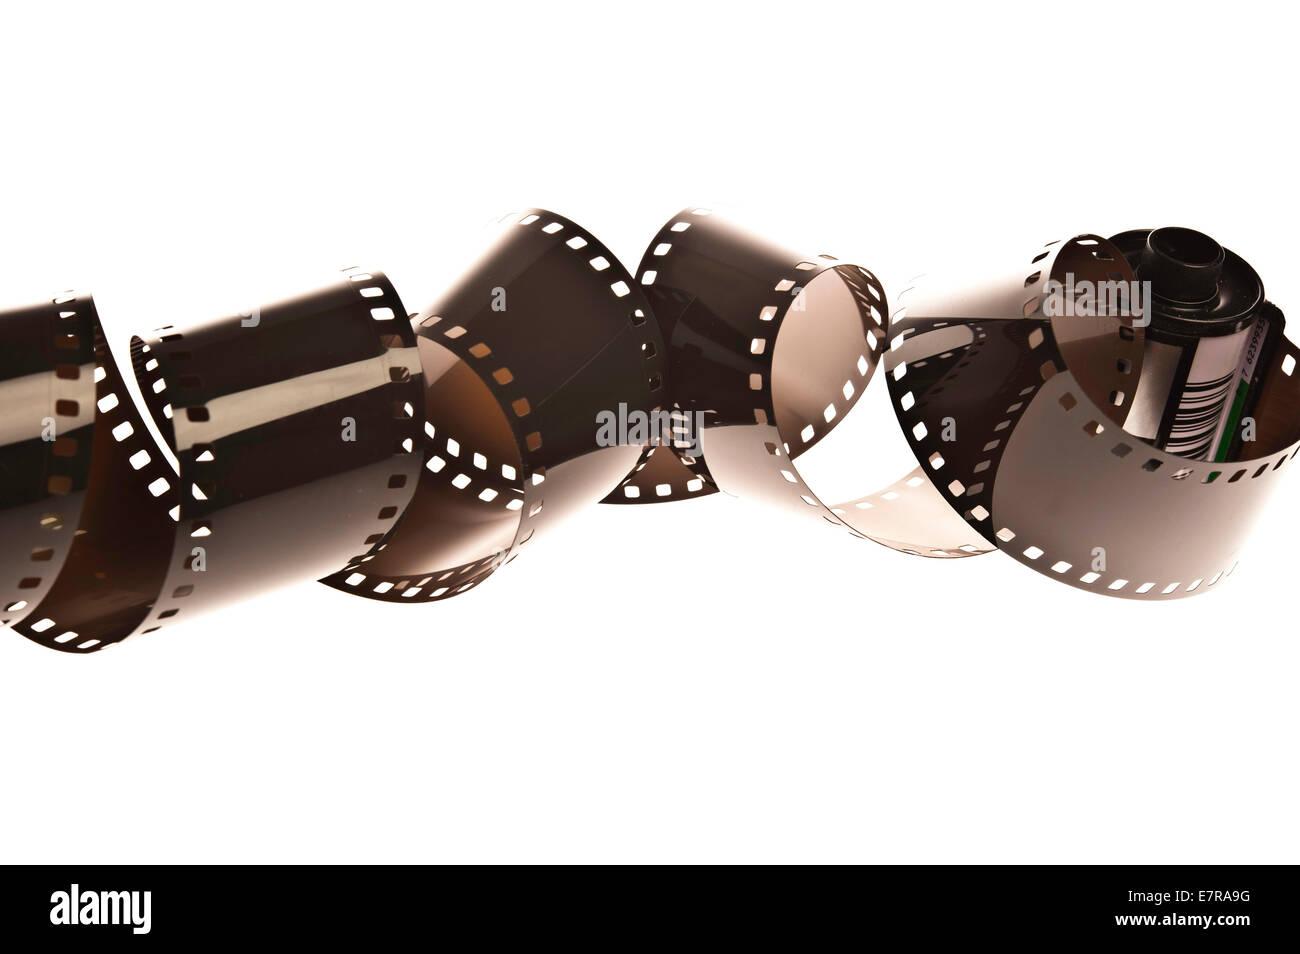 Film photographique Photo Stock